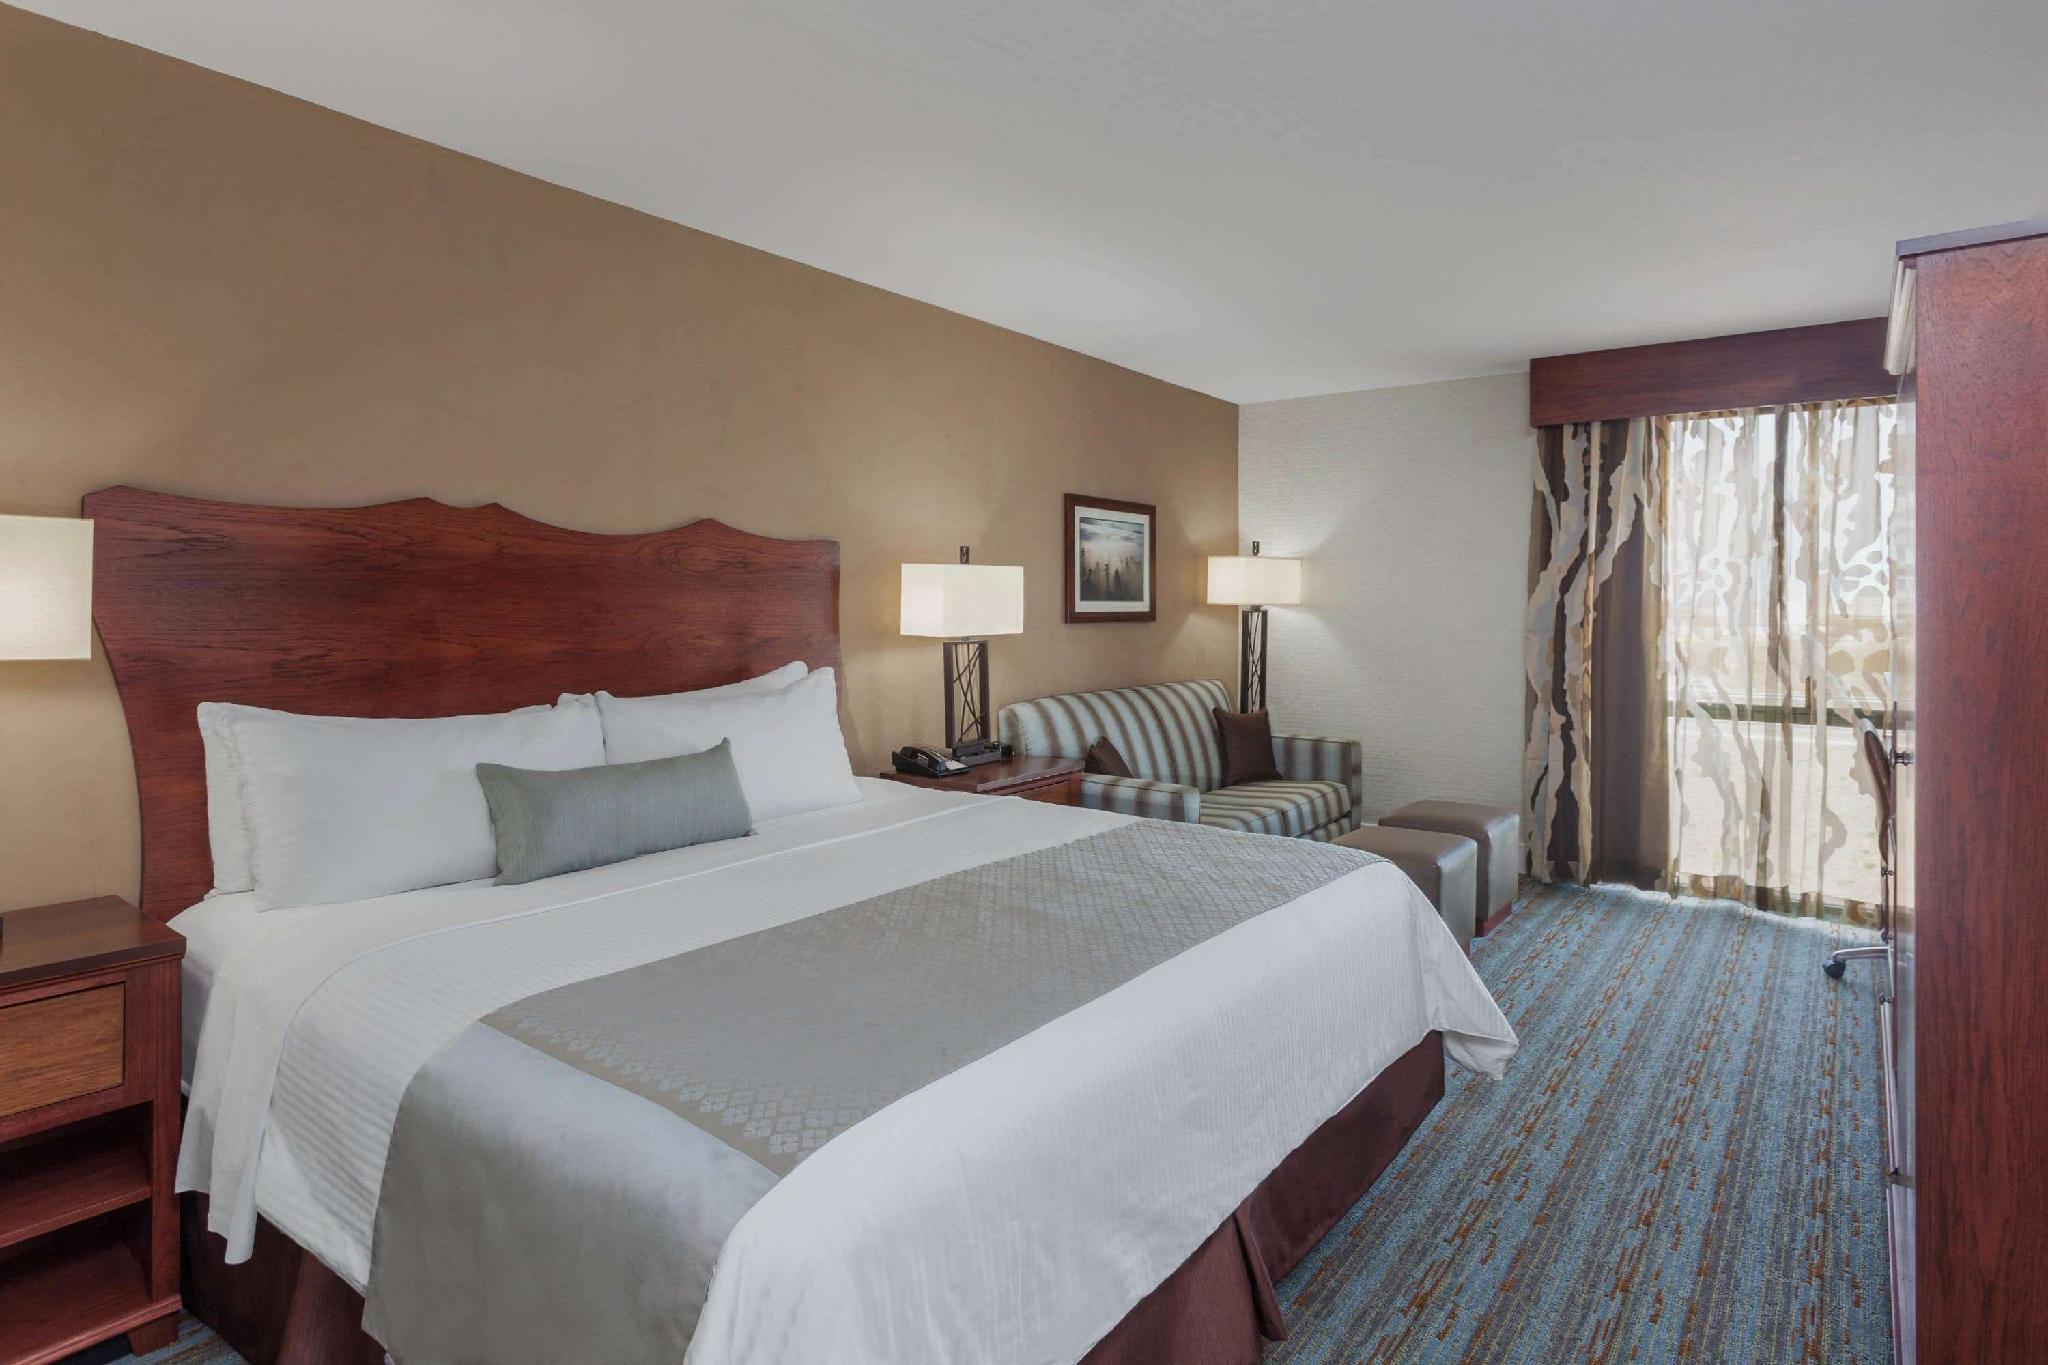 1 King Bed, Executive Room, Non-Smoking